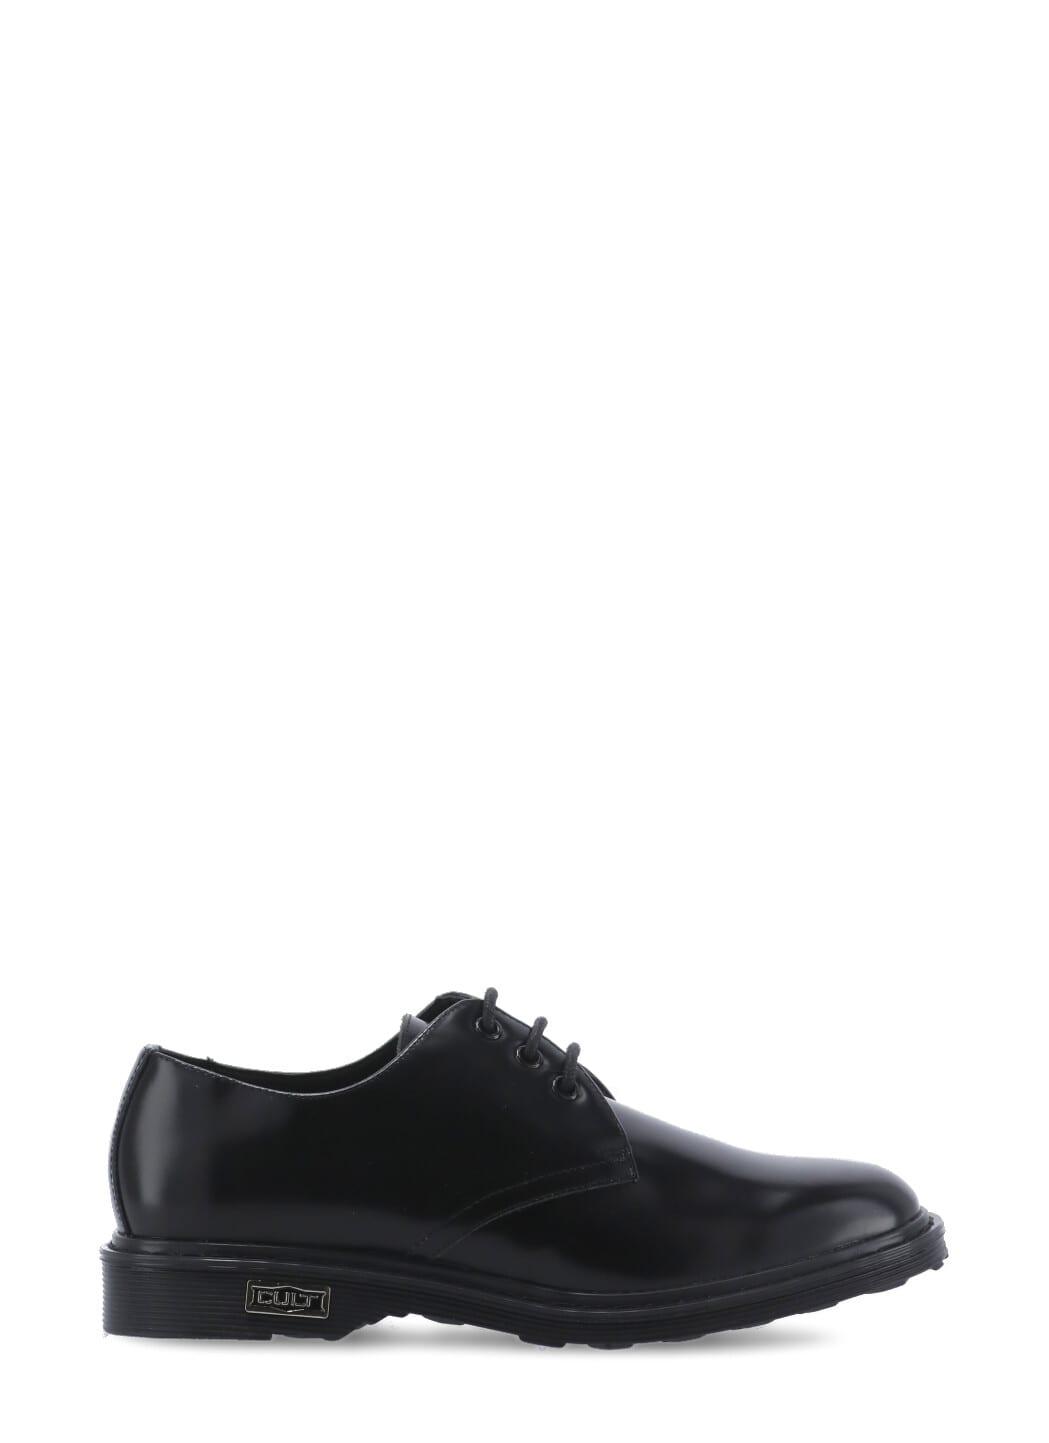 Sabbath 422 Lace Up Shoe